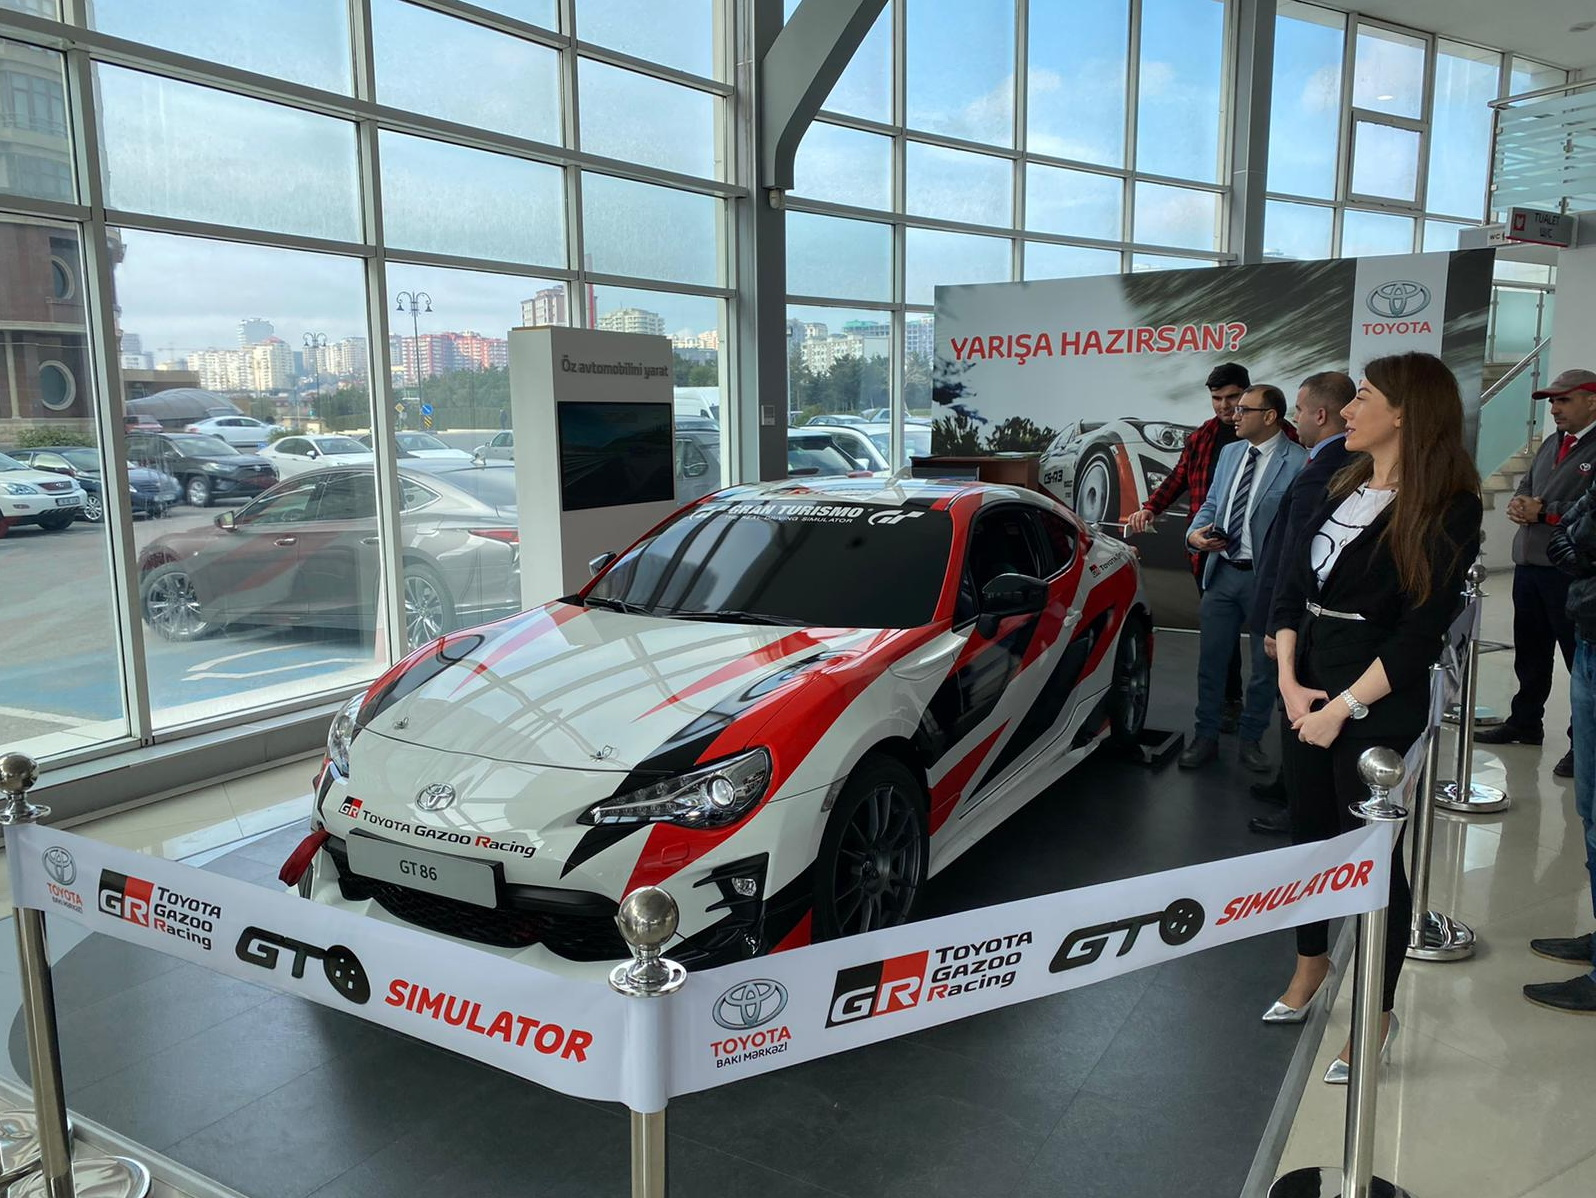 Сюрприз от Toyota любителям автомобильных гонок! – ФОТО